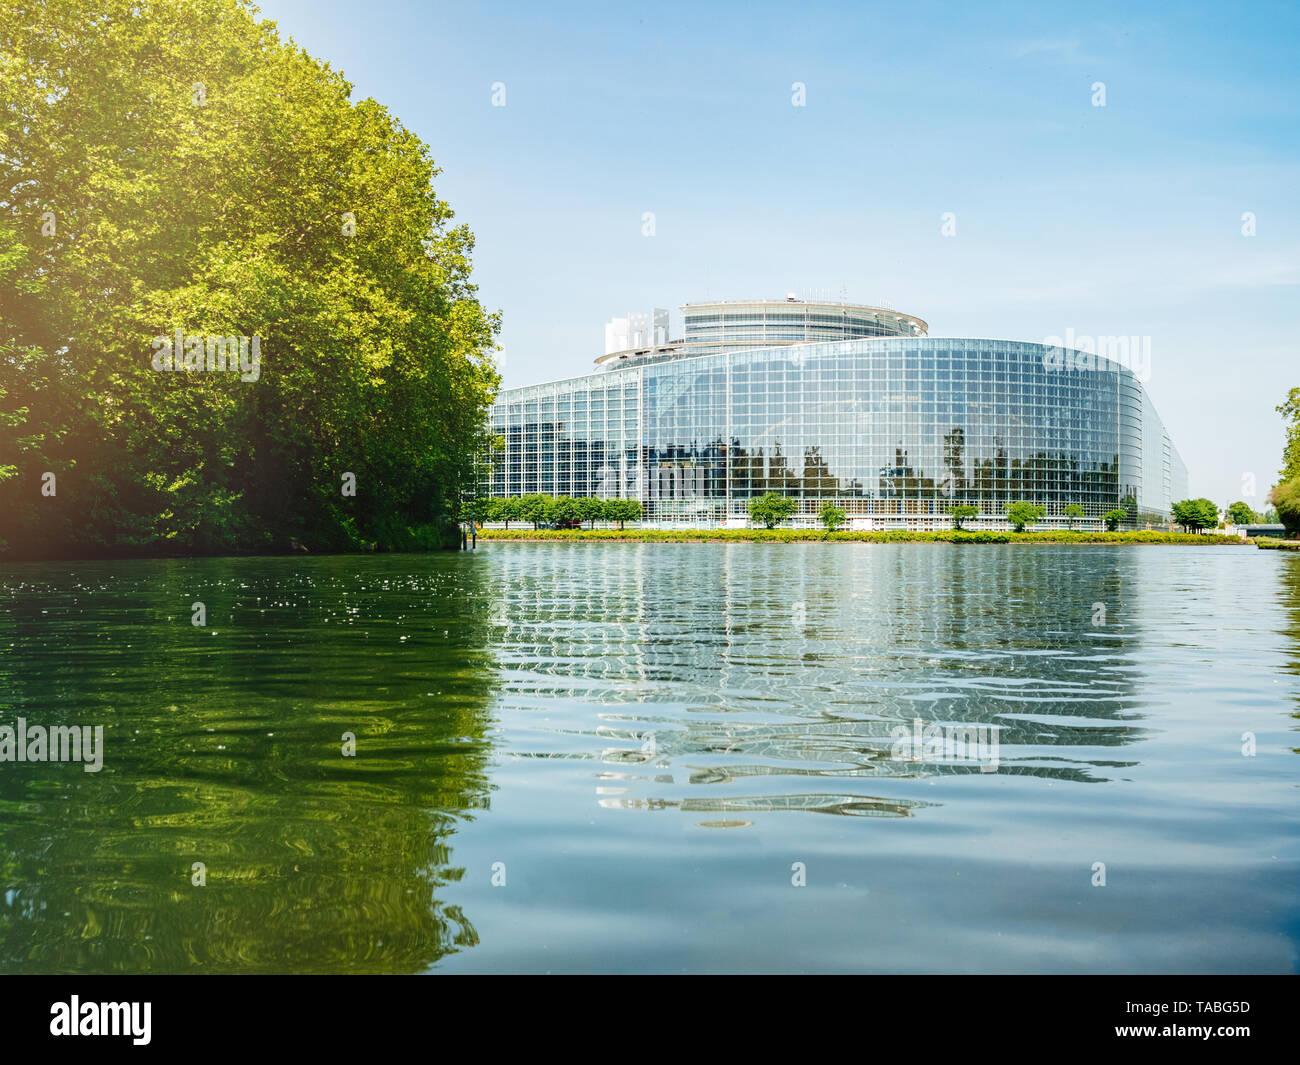 Ángulo de visión baja de amplia fachada de la sede del Parlamento Europeo en Estrasburgo, un día antes de la elección al Parlamento Europeo de 2019 - clear blue sky y la calma del agua del río Ill llamarada solar. Foto de stock